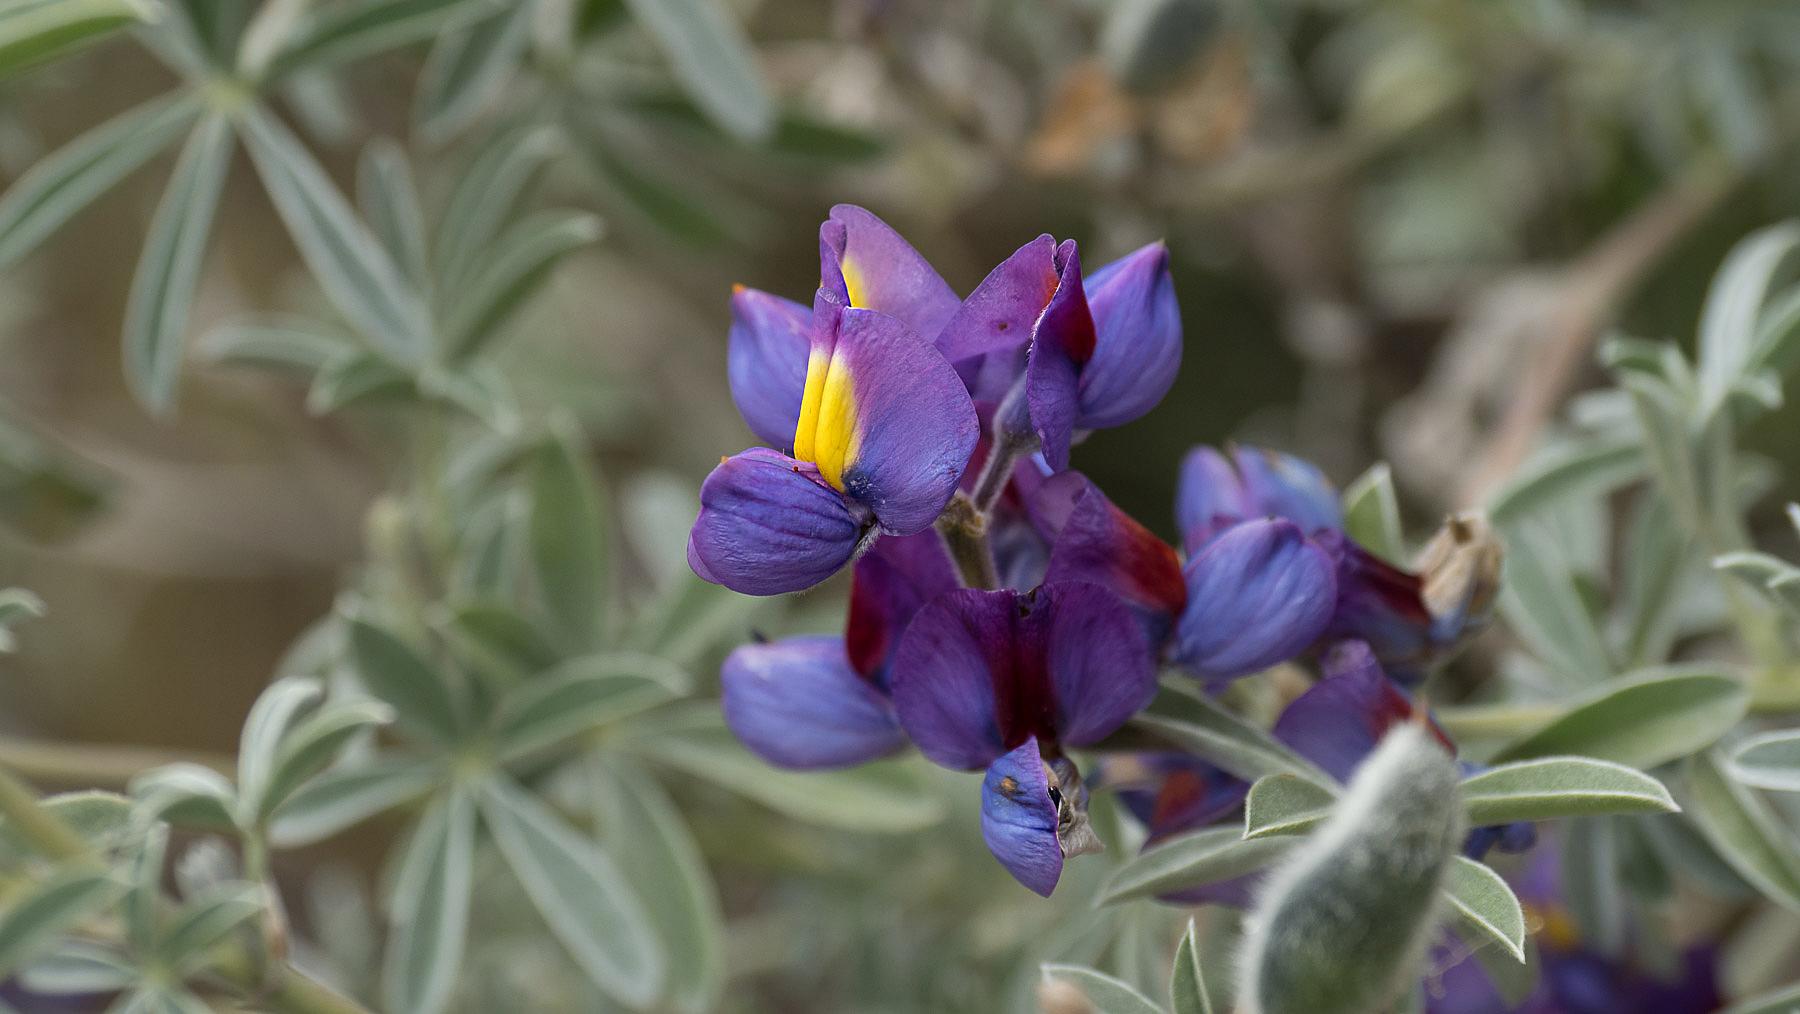 Die ersten Blumen. Die Regenzeit kündigt sich an